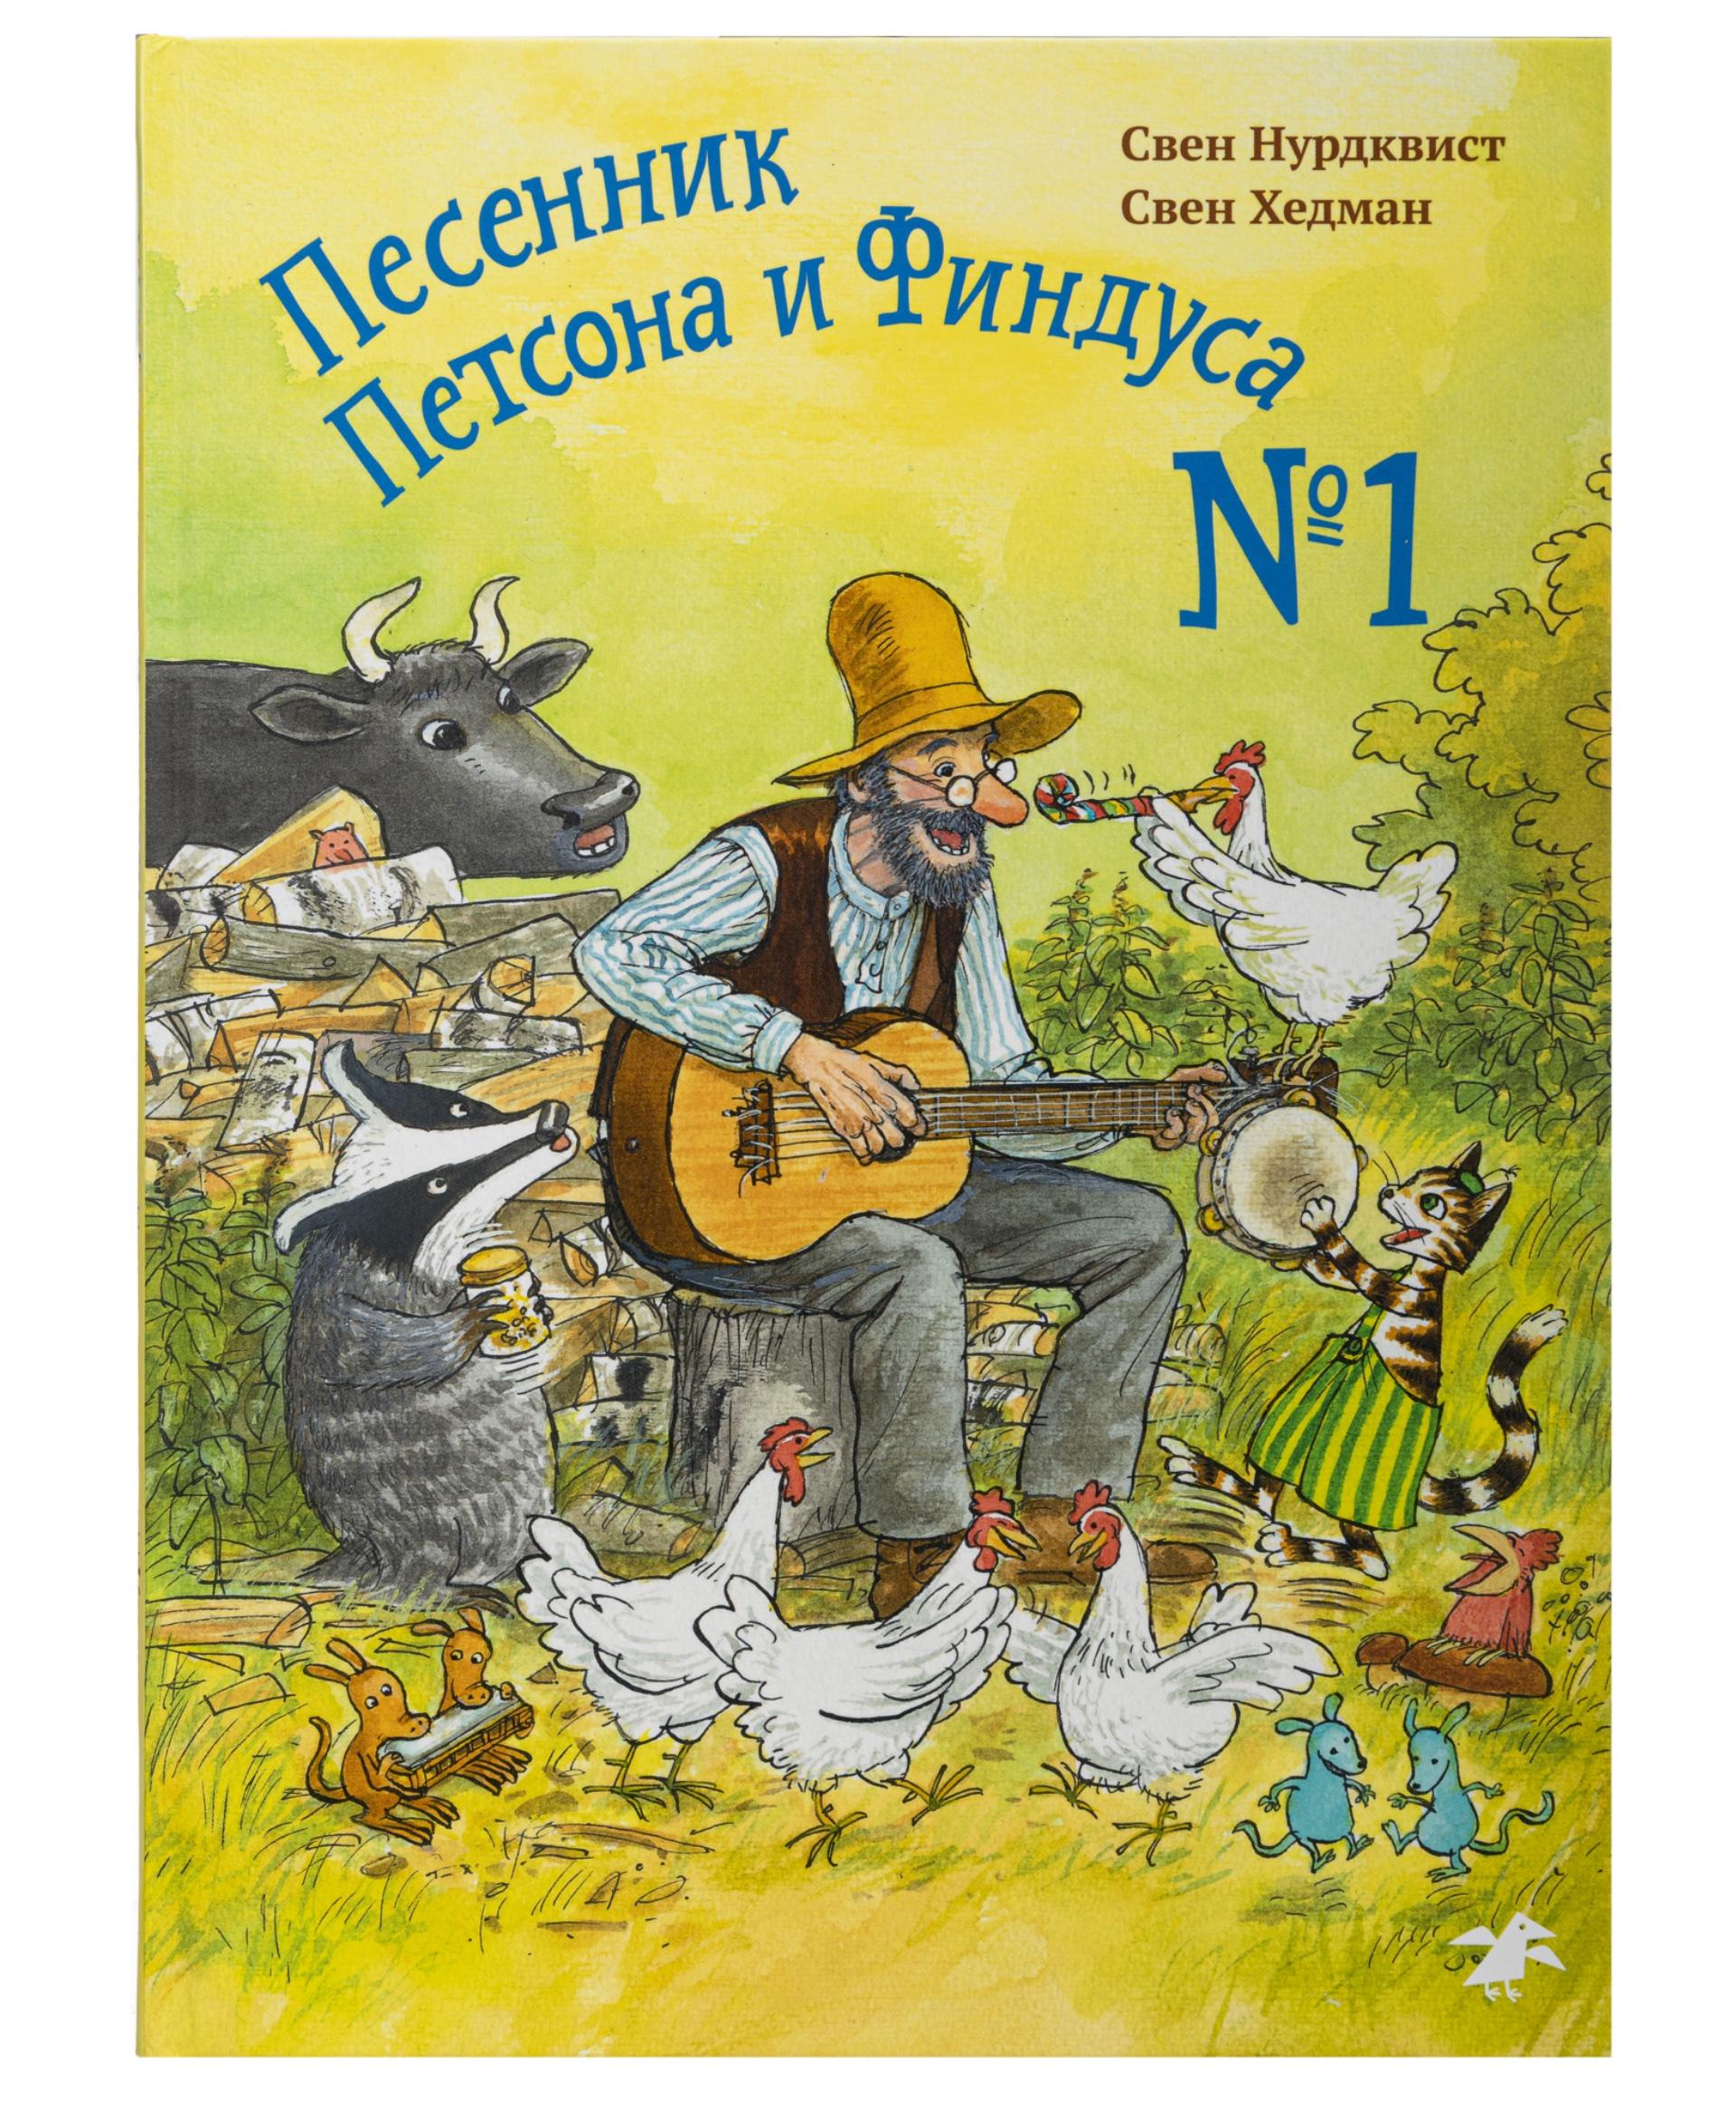 Белая Ворона книга 'Песенник Петсона и Финдуса №1'